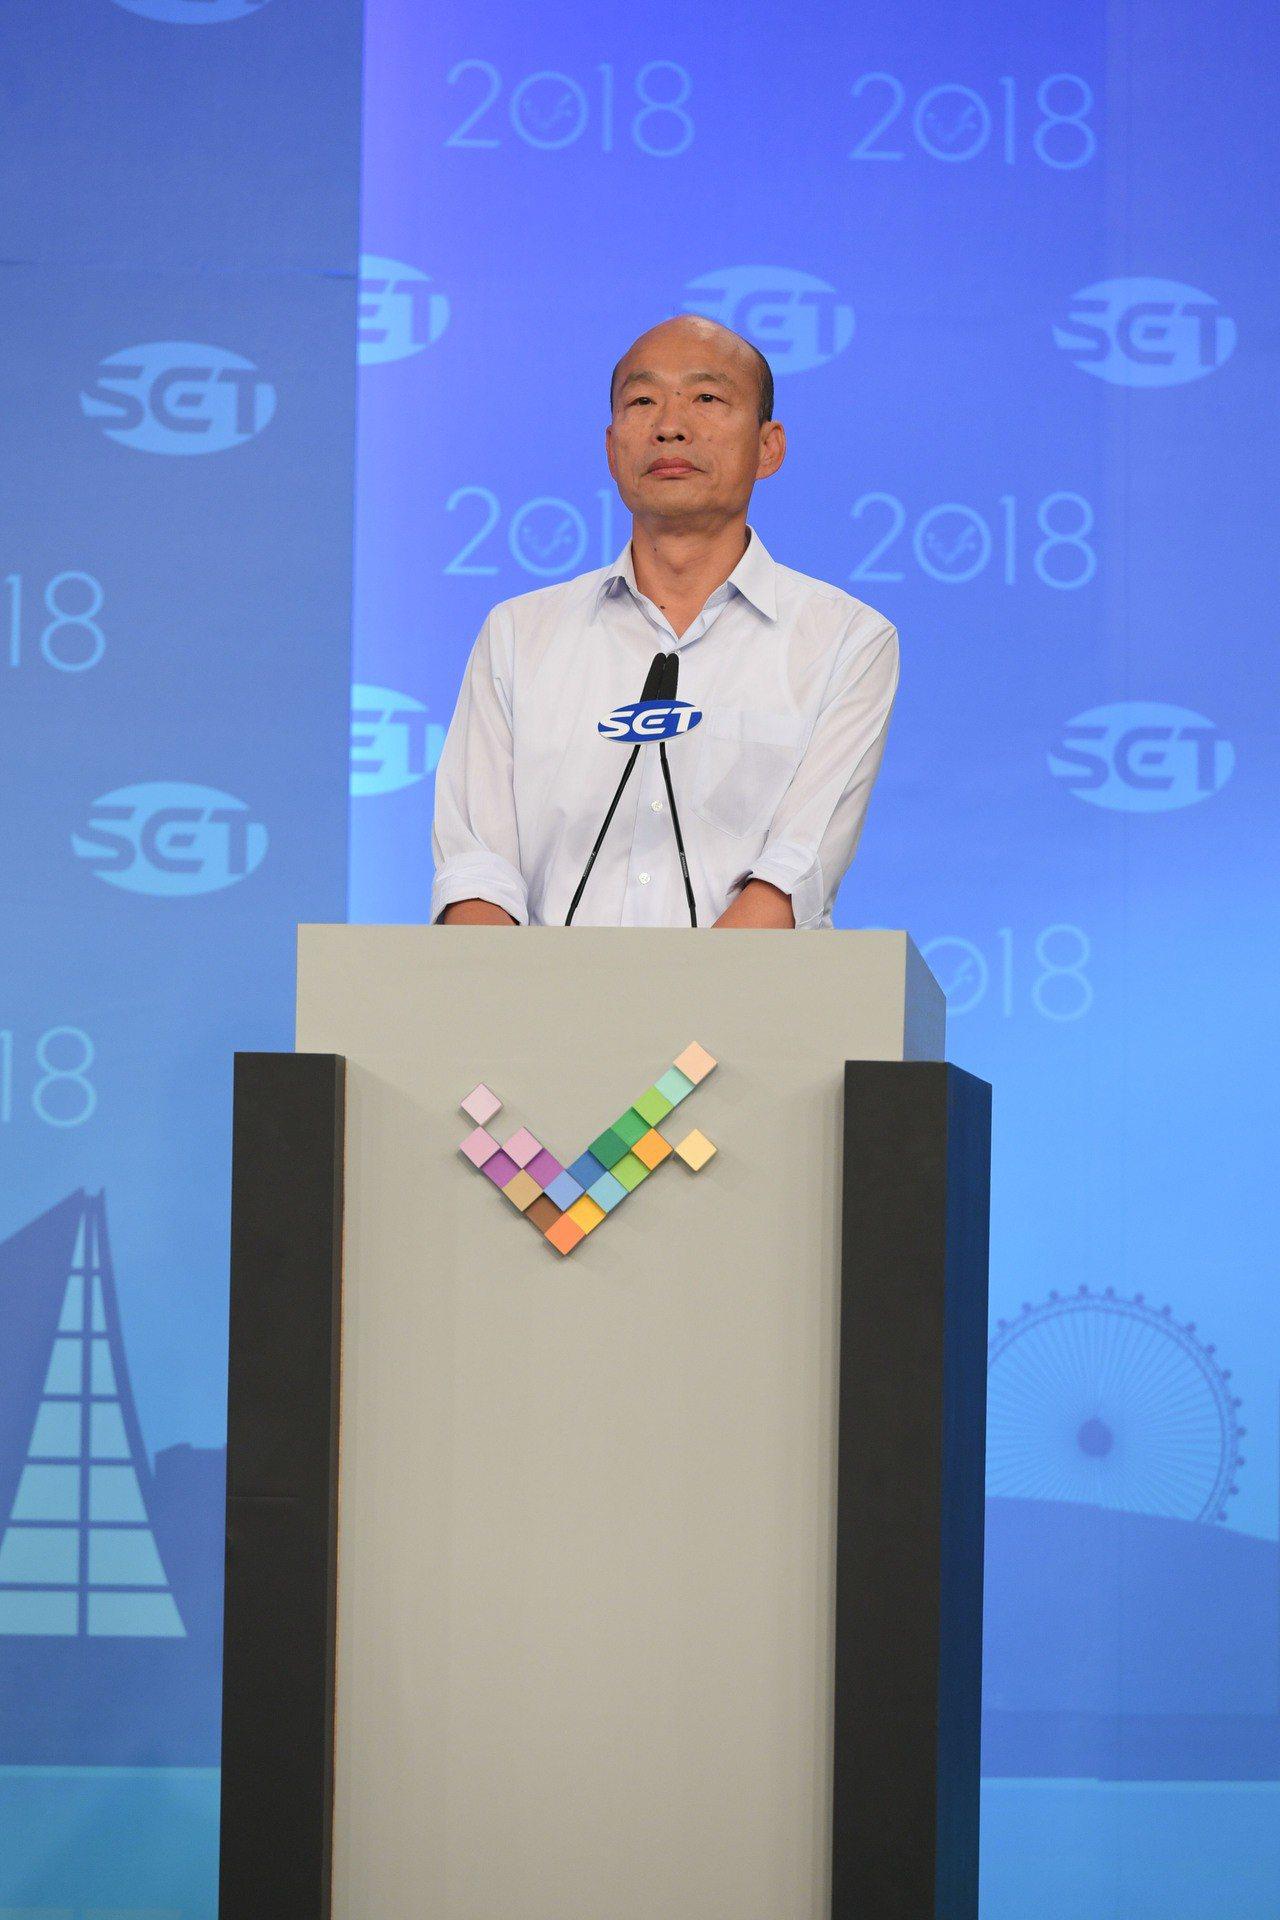 高雄市長候選人韓國瑜。圖/三立提供